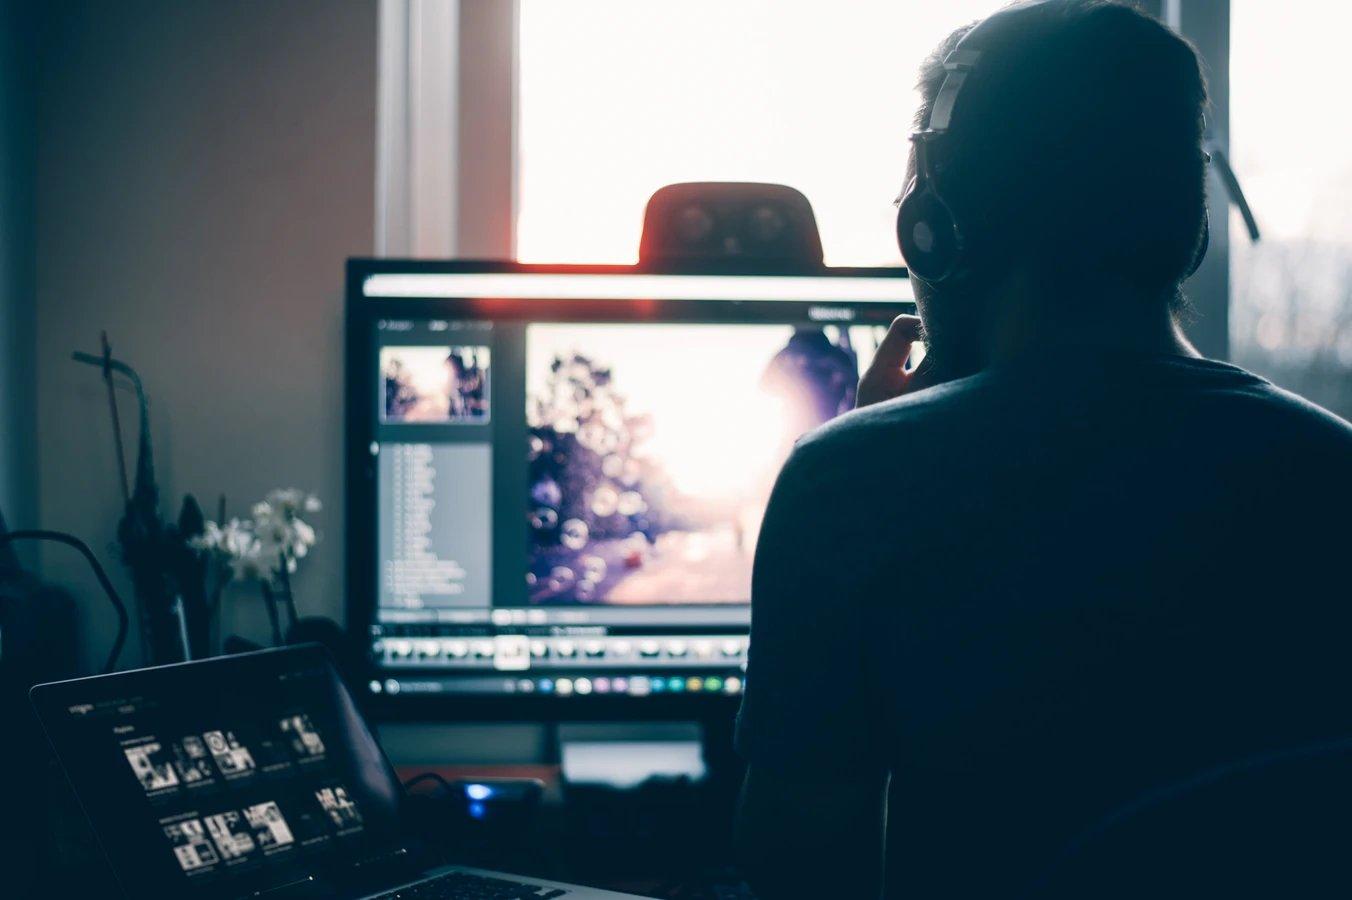 Youtube jovem no computador